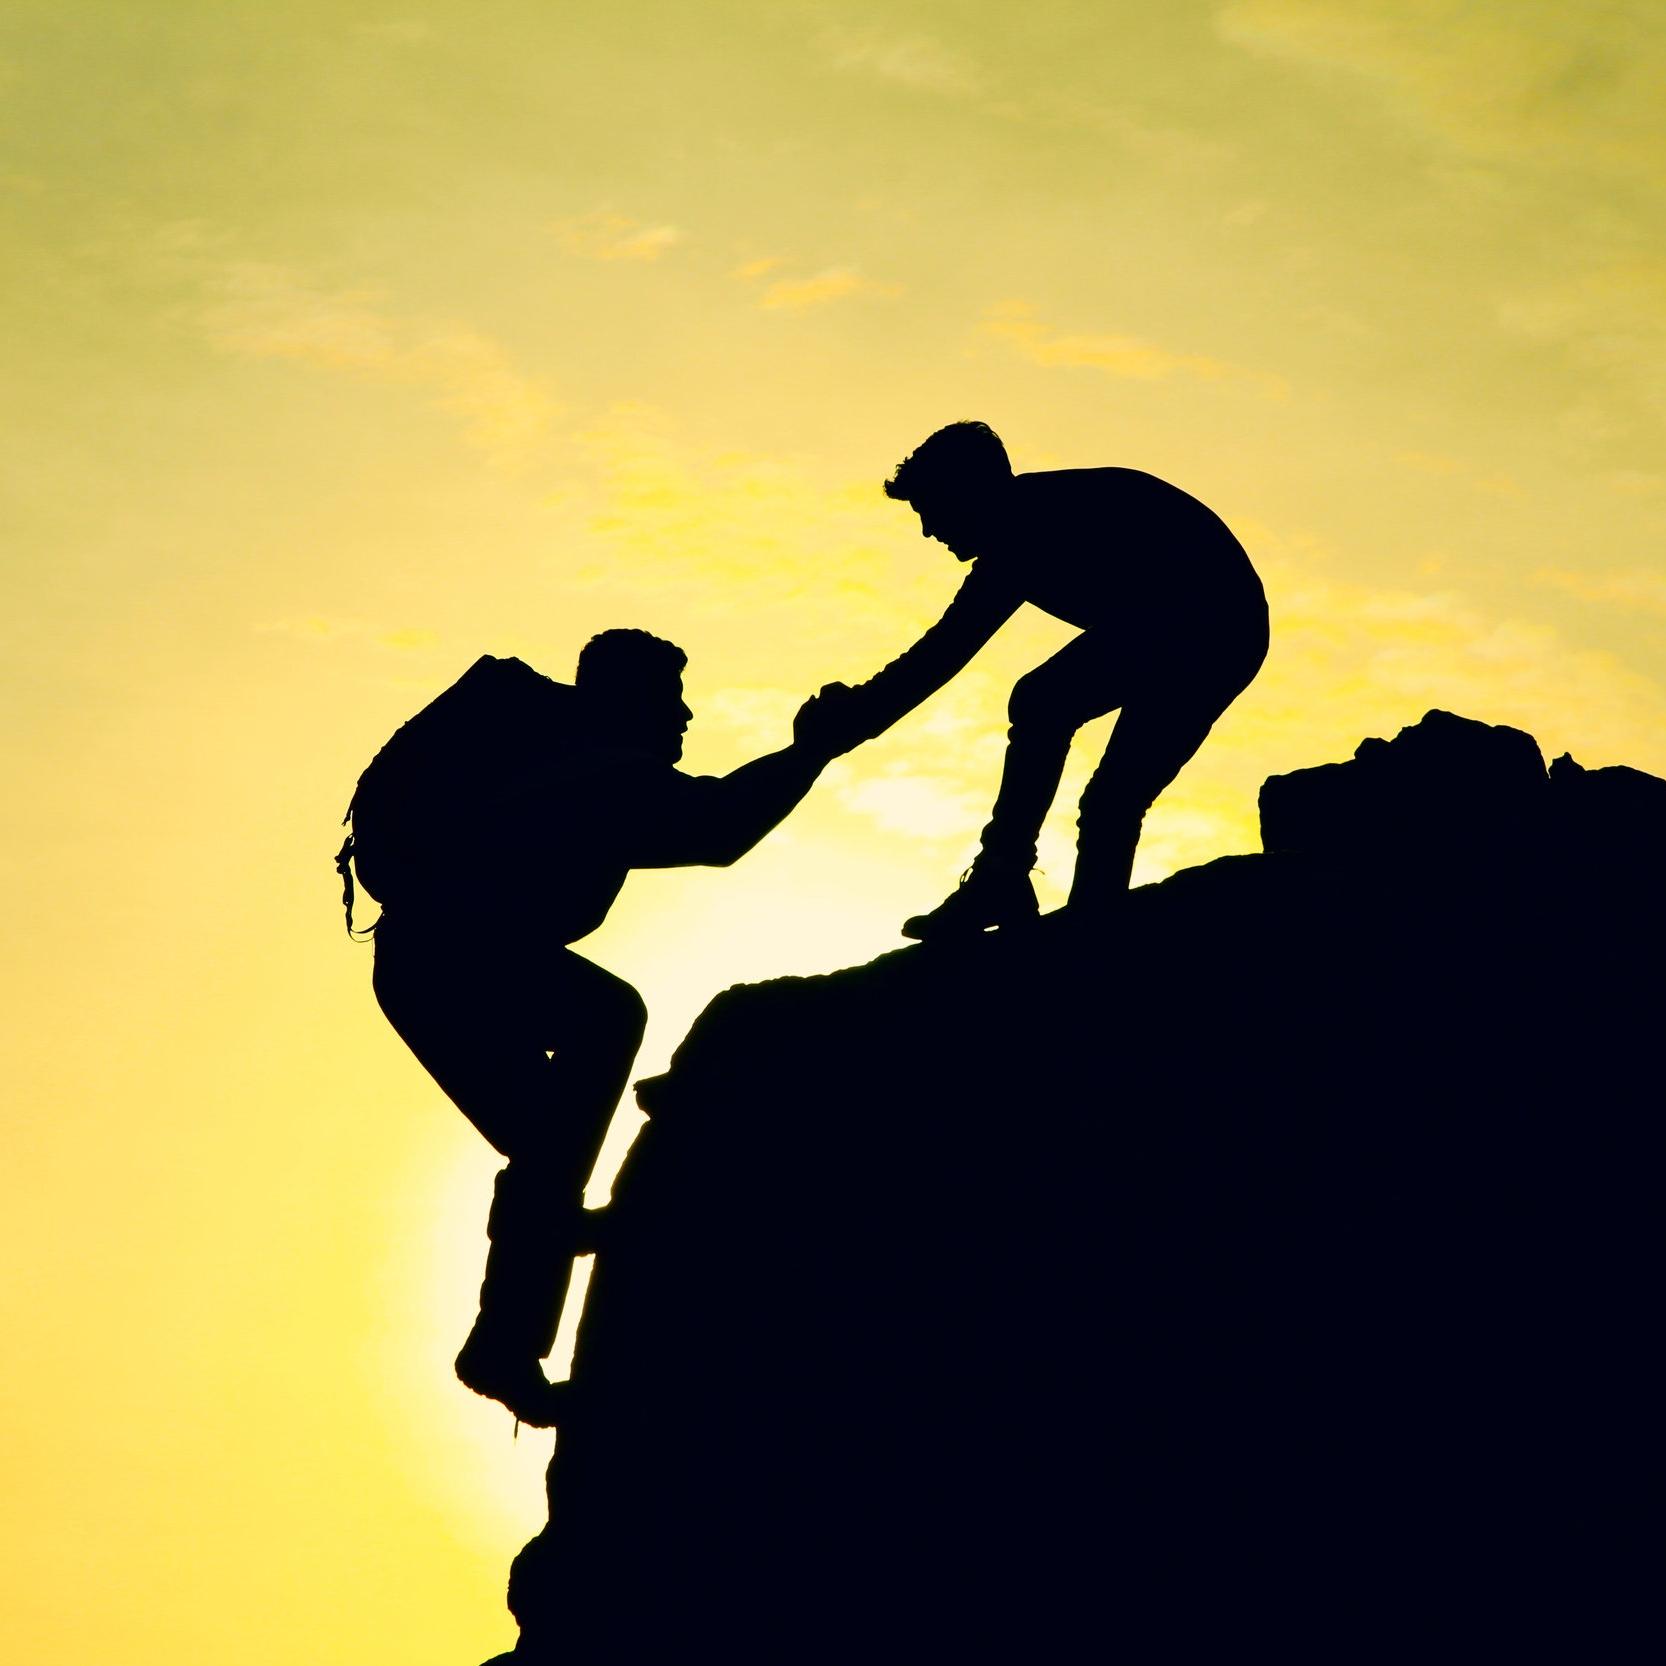 Fellowship -